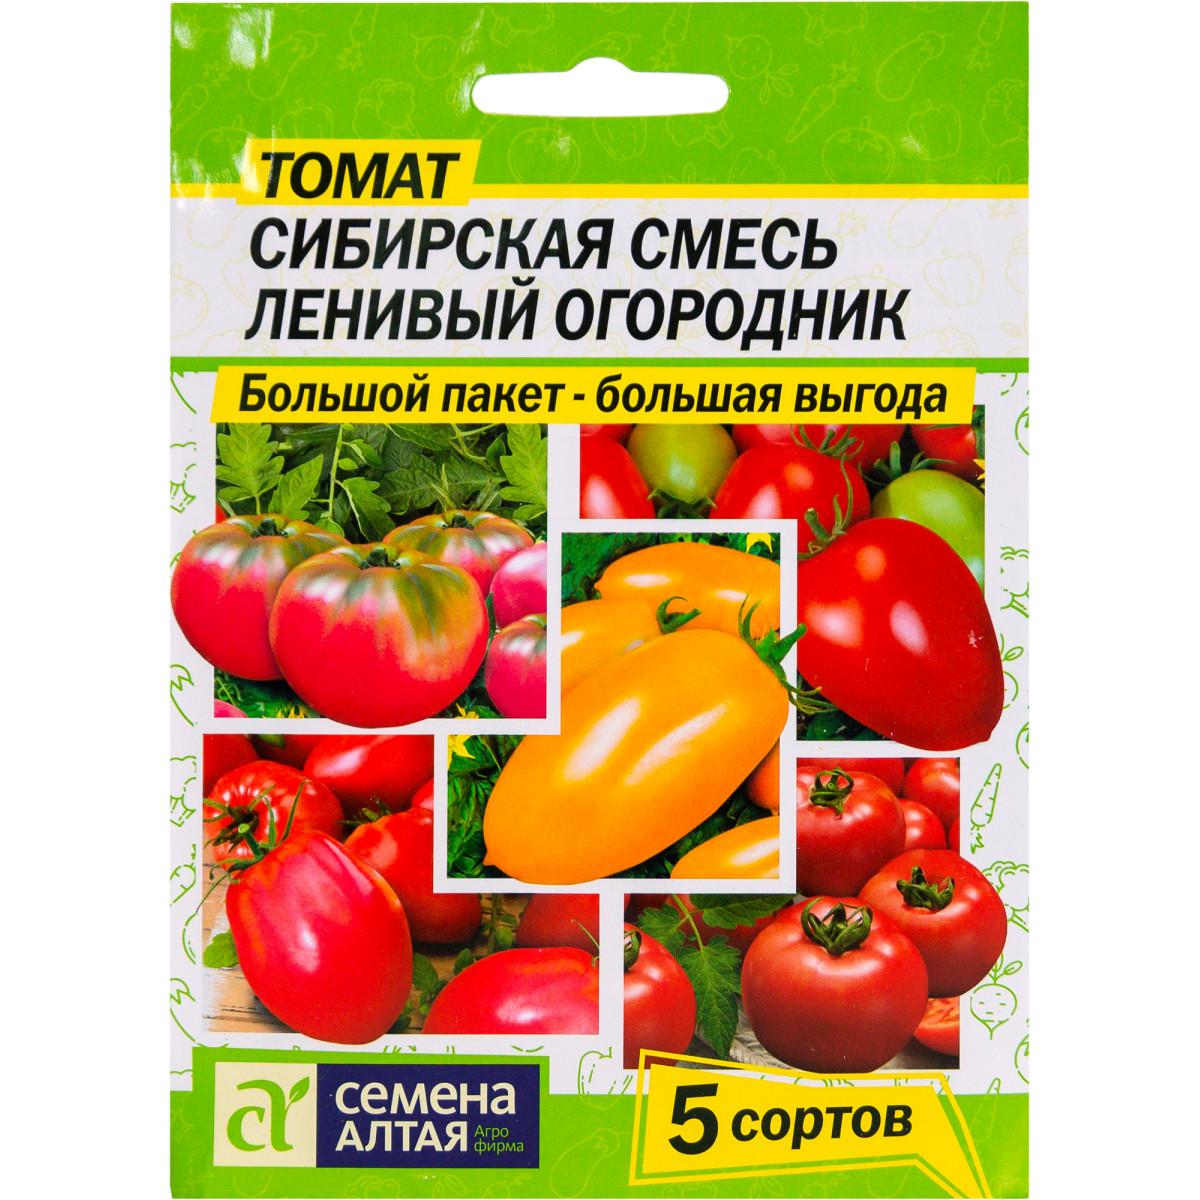 сибирский сад семена официальный сайт новосибирск